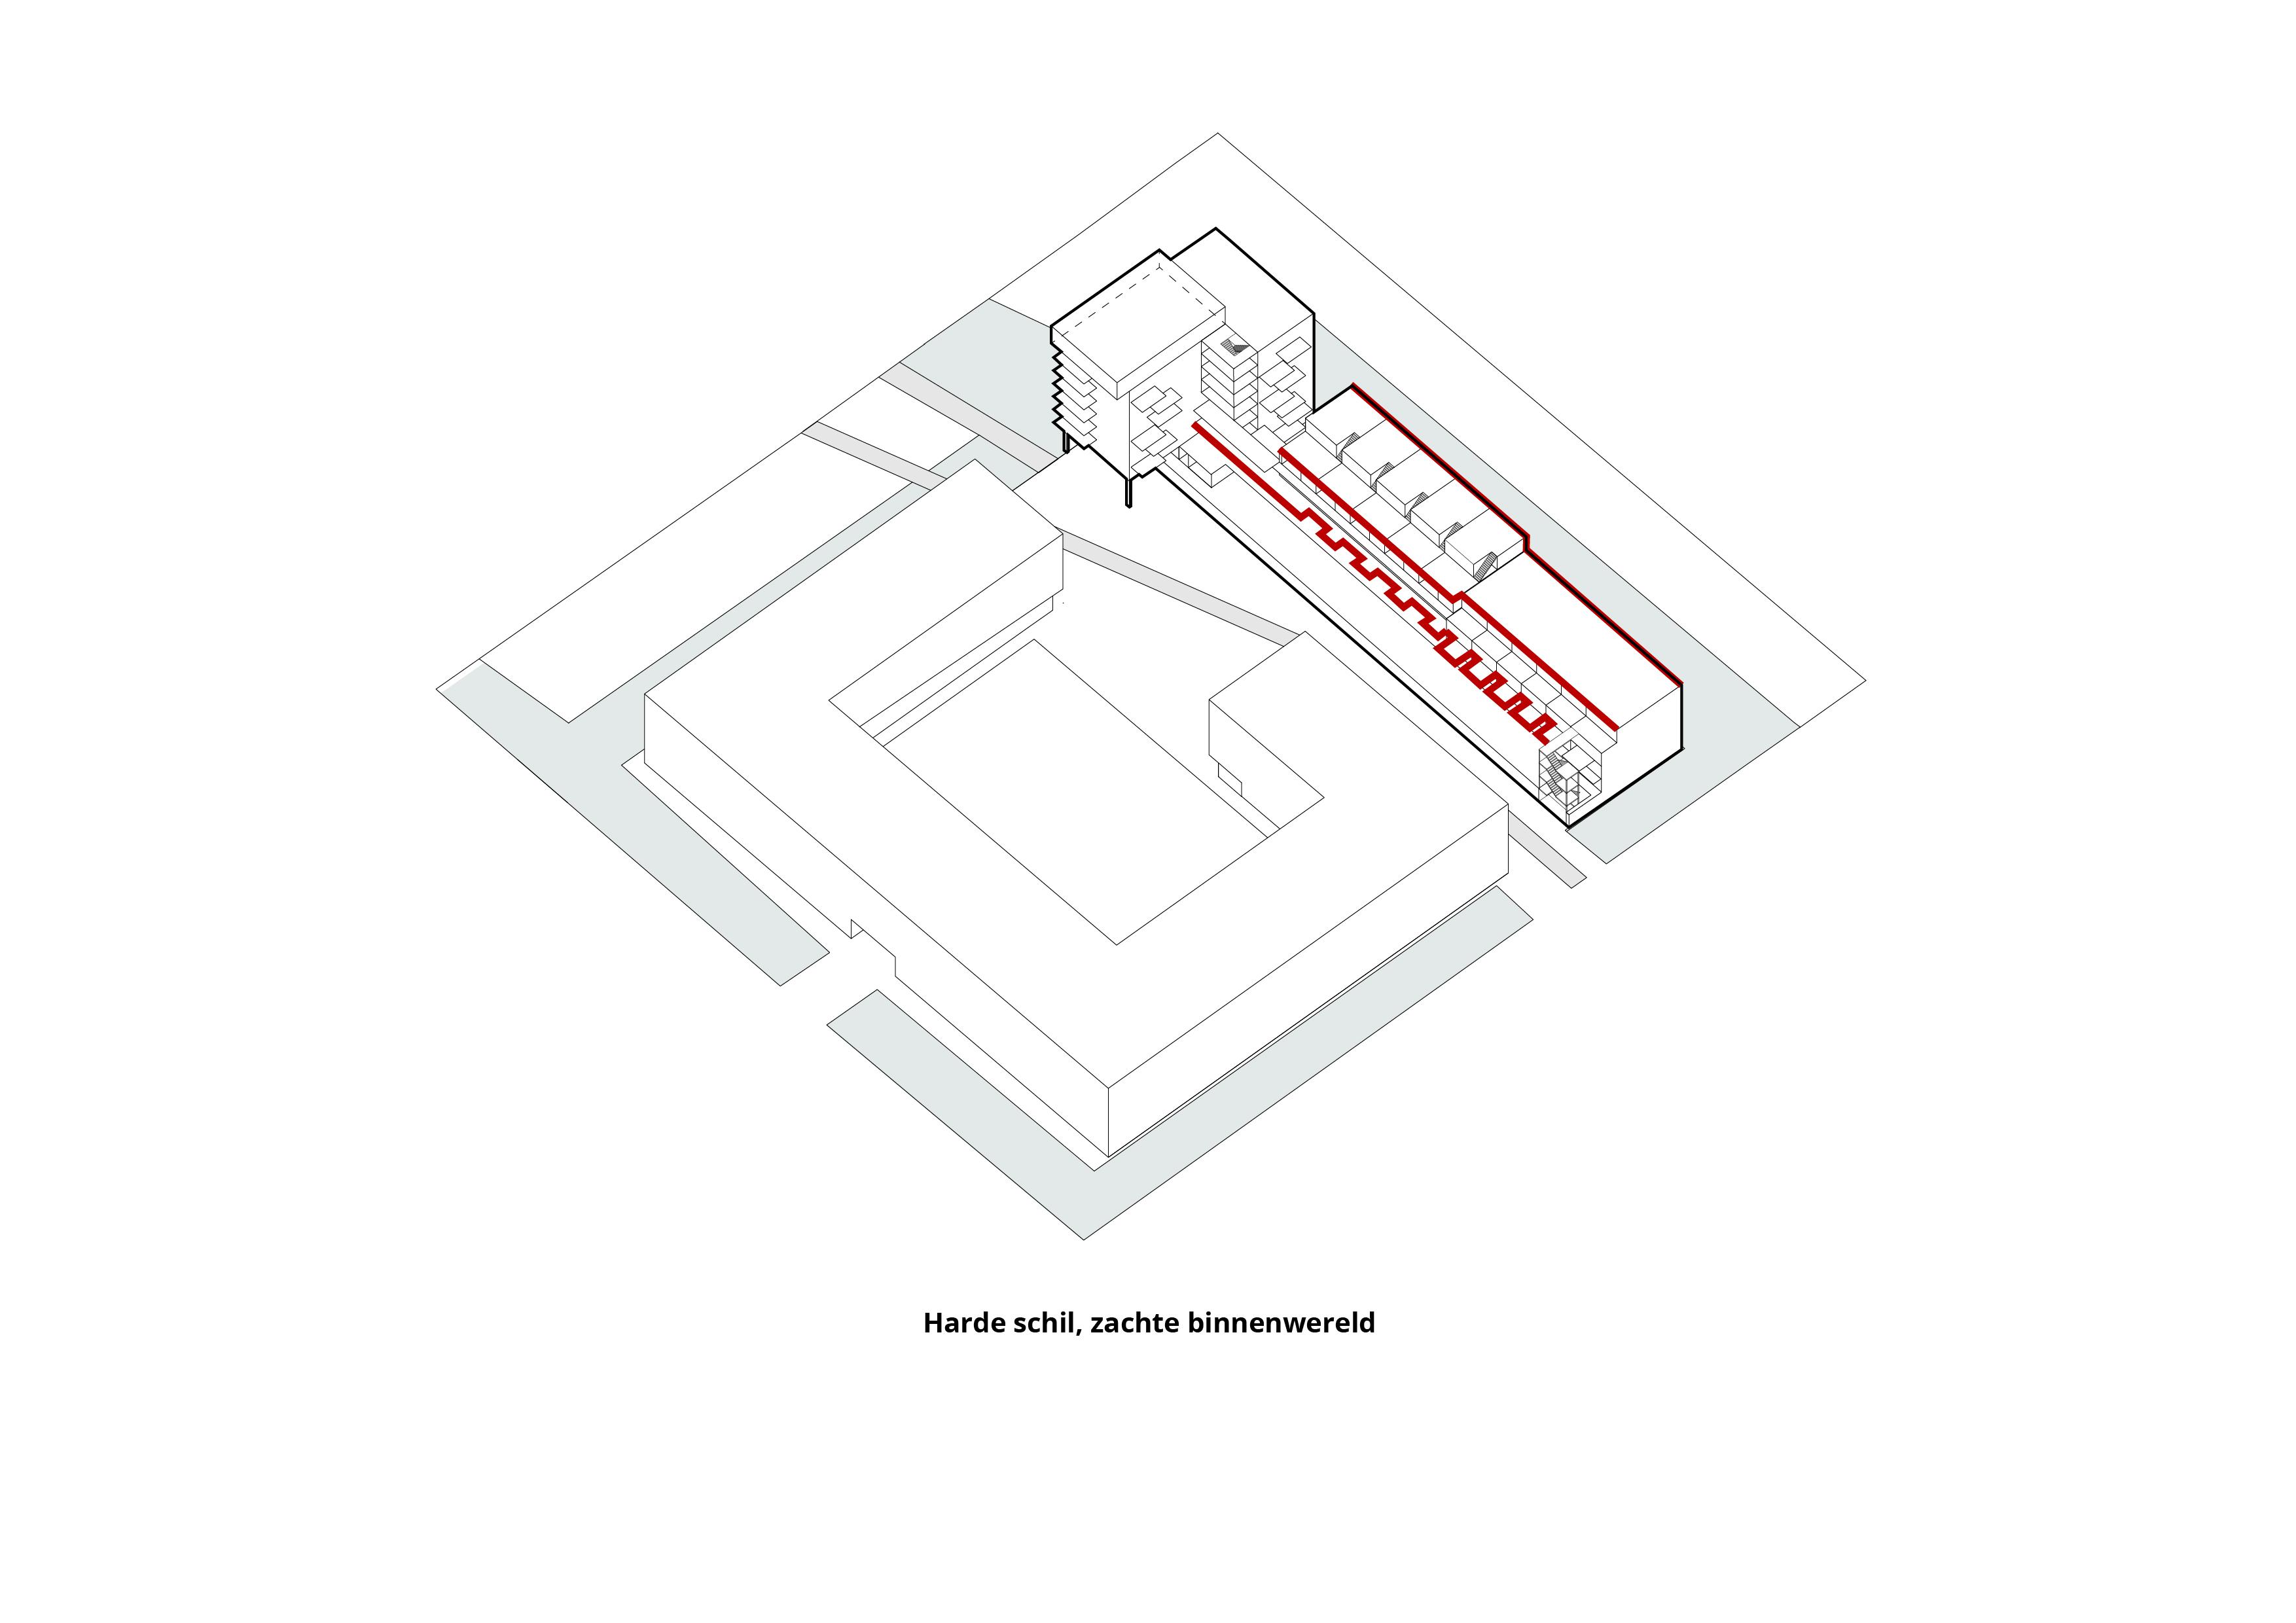 The Family Spoorzone Delft – Harde schil, zachte binnenwereld